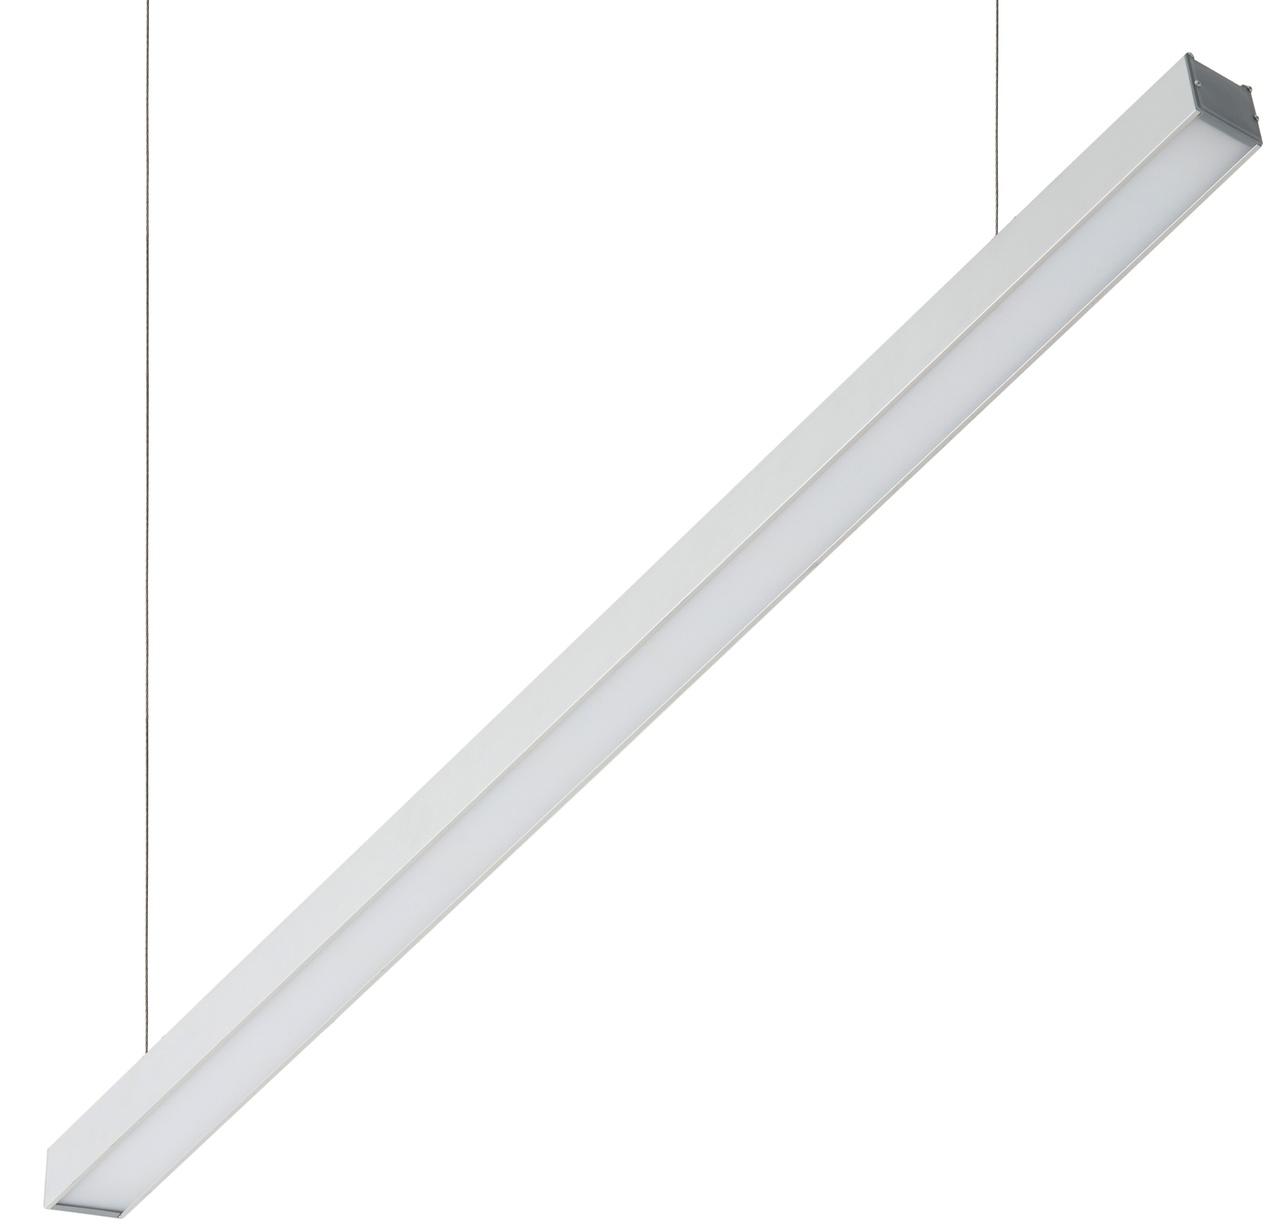 Светильник LED Laura Opal 76Вт 5000К 6800Лм 2420x50x50мм